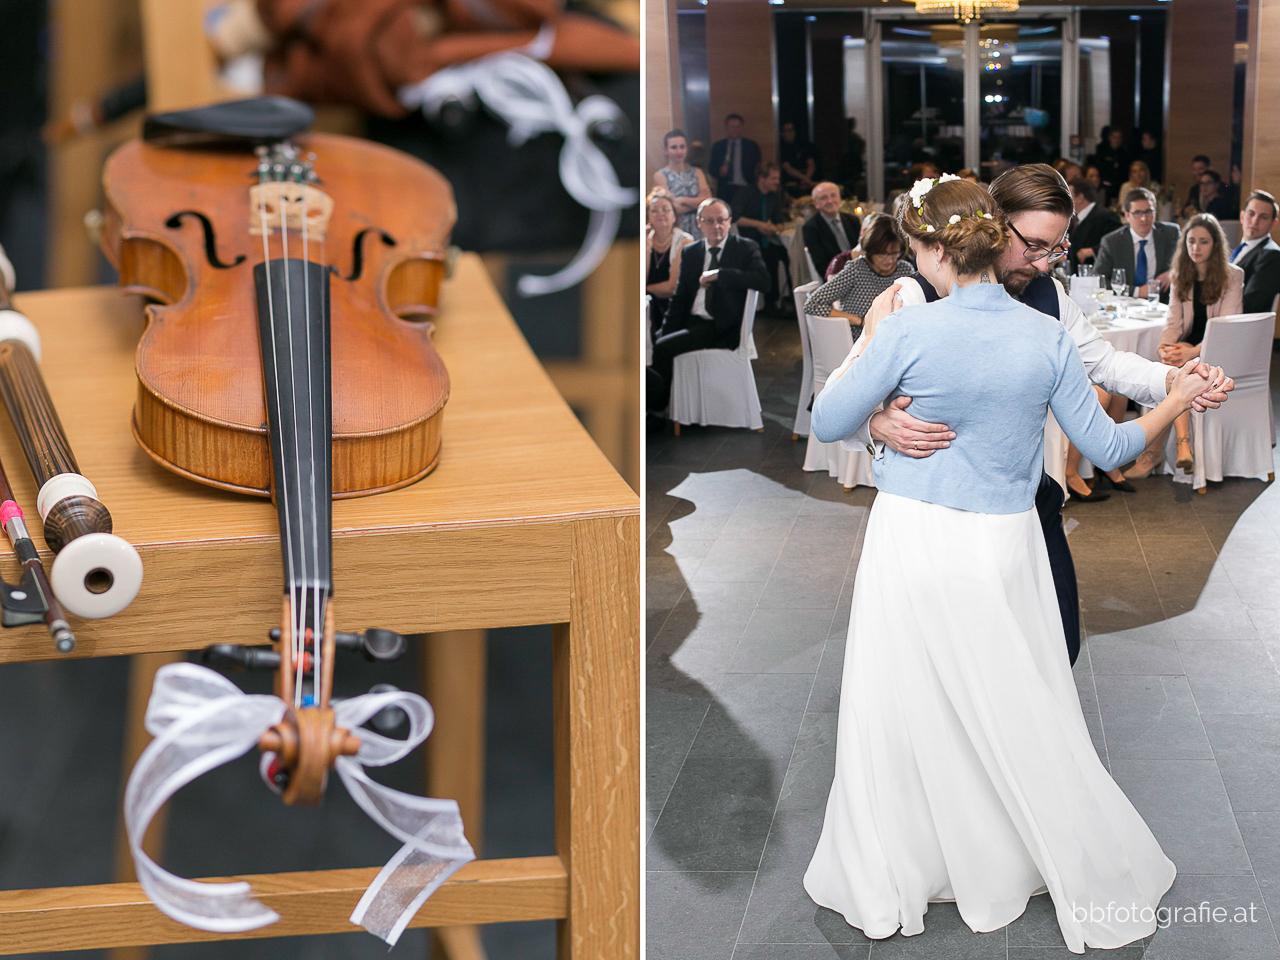 Hochzeitsfotograf, Hochzeitsfotograf Niederösterreich, Hochzeitslocation Niederösterreich, Winterhochzeit, Eröffnungstanz, Hochzeitslocation Schloss an der Eisenstrasse, b&b fotografie